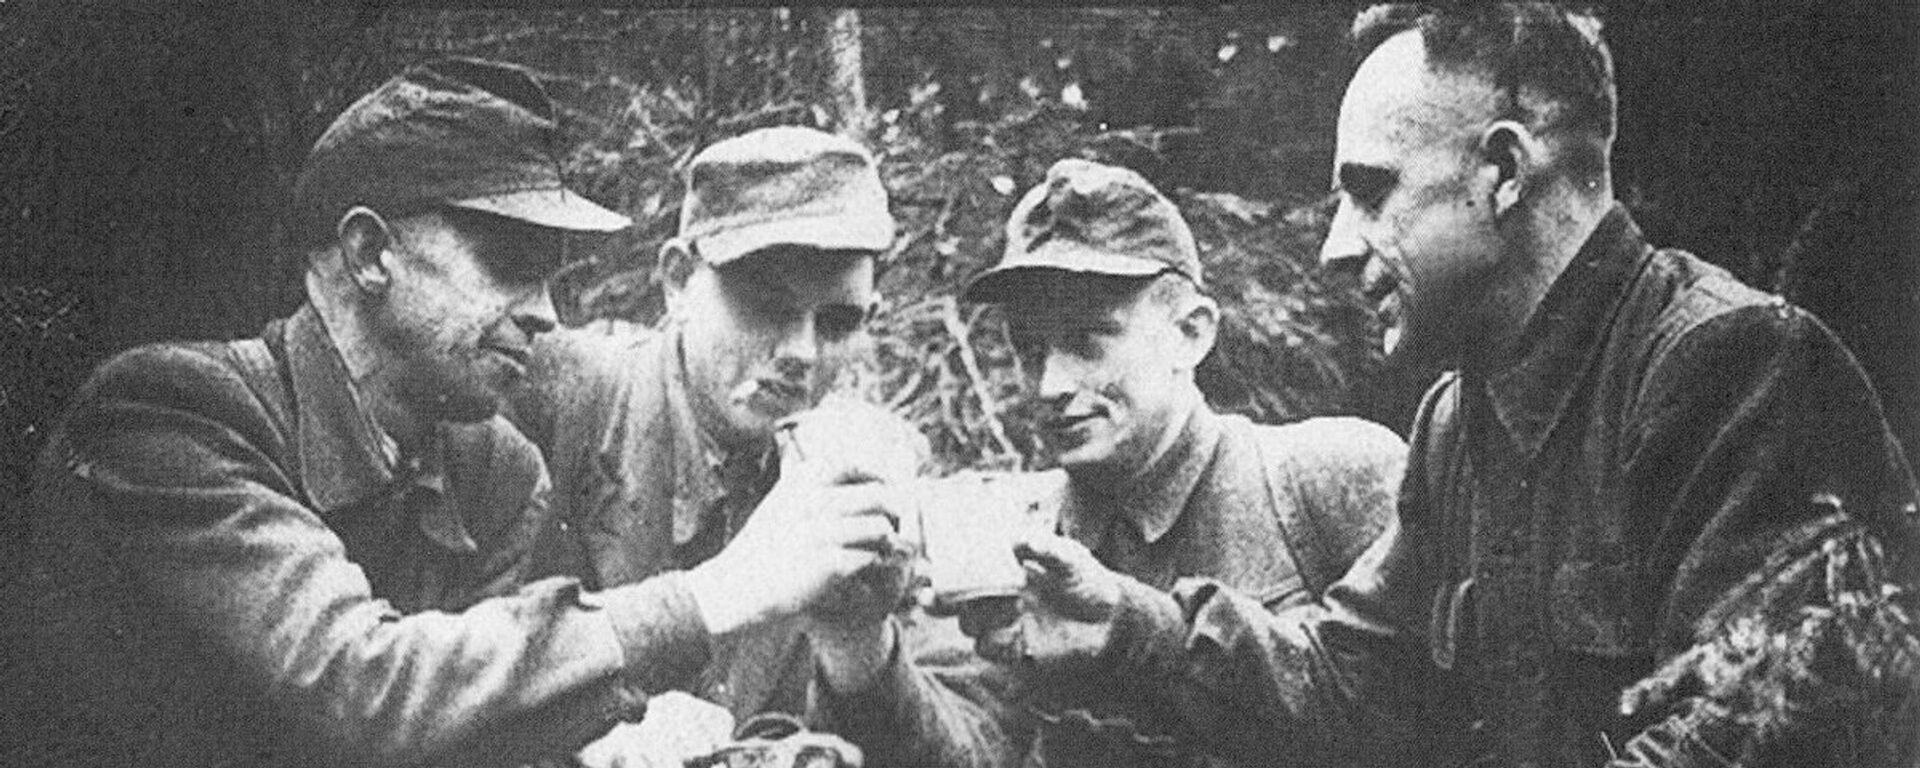 Лесные братья - Sputnik Latvija, 1920, 04.08.2020